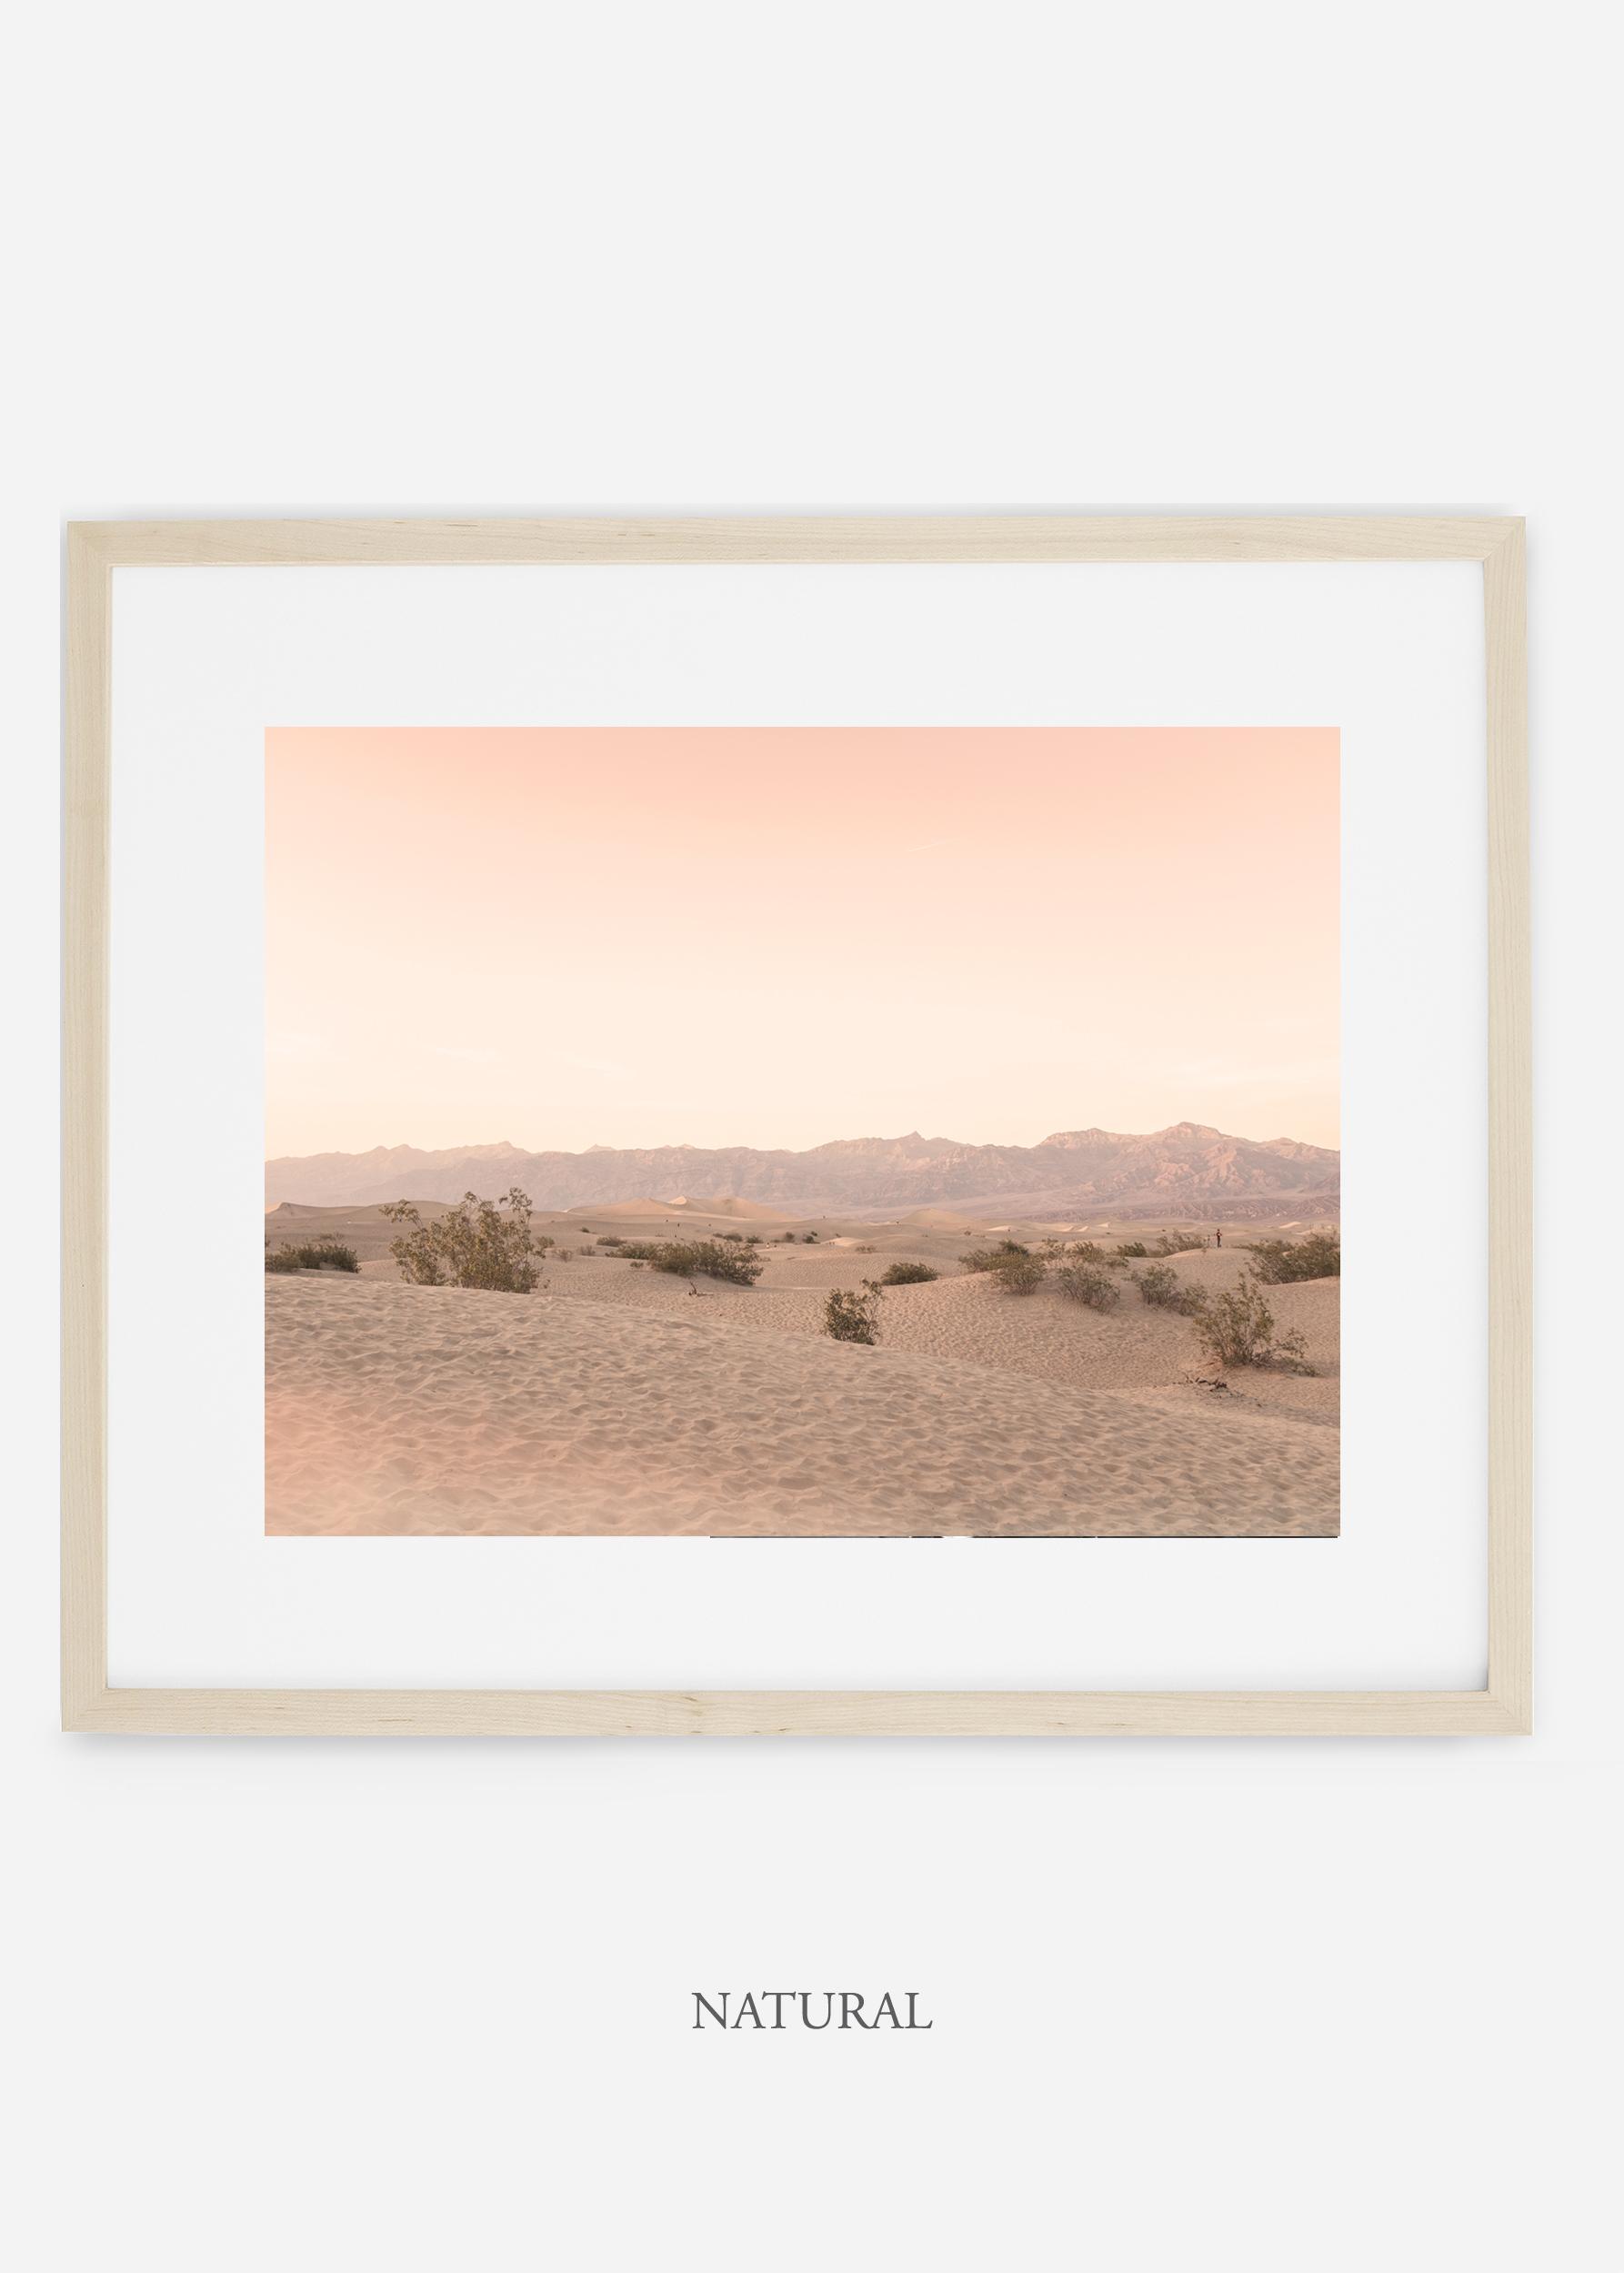 wildercalifornia_naturalframe_deathvalley_4_minimal_desert_art_interiordesign_blackandwhite.jpg